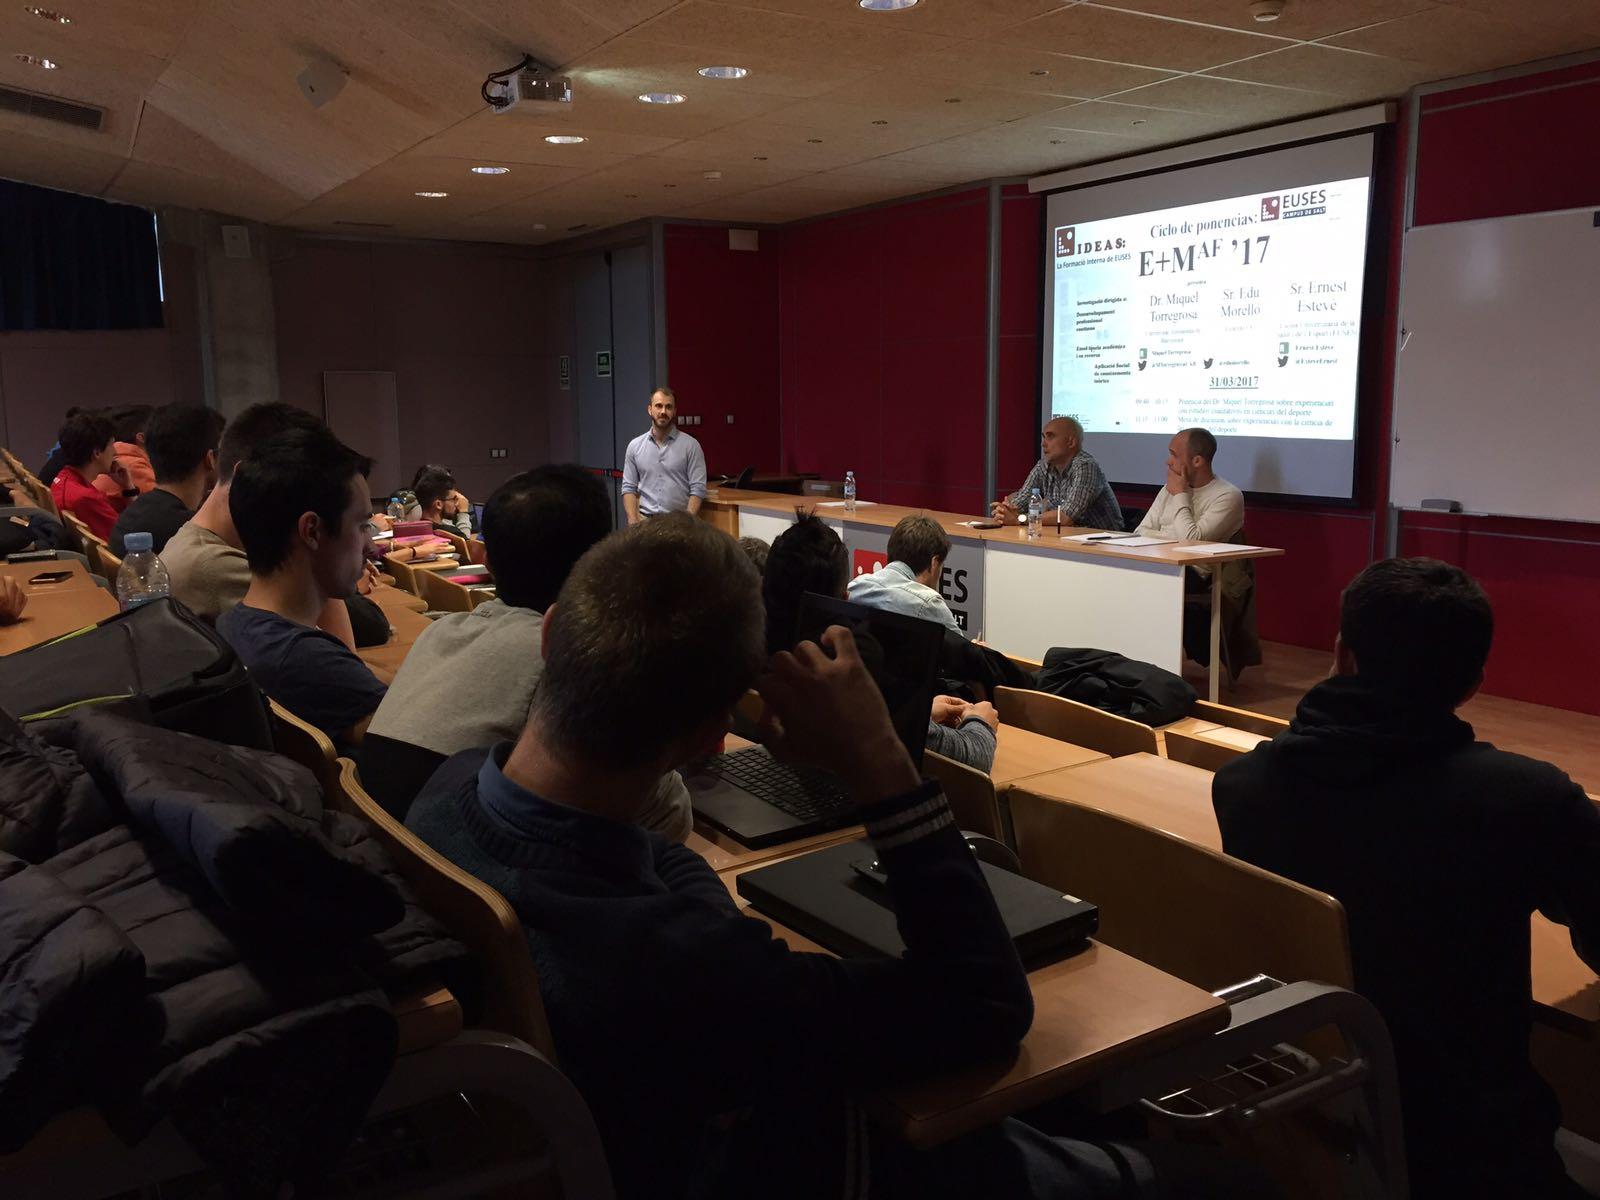 Segona jornada del cicle de ponències E+MAG'17 per als alumnes de 2n curs del Grau en CAFE d'EUSES-UdG